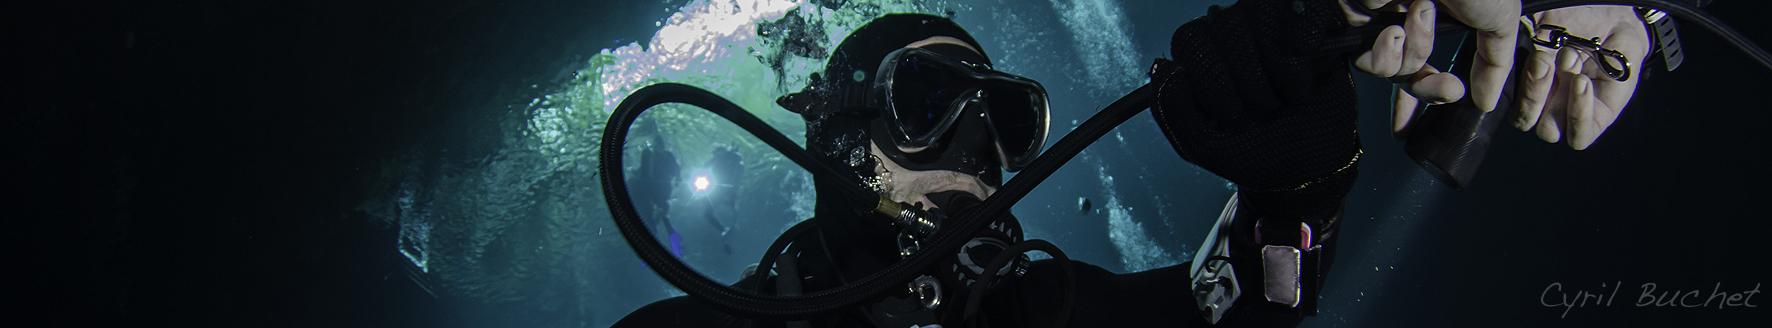 Technical Diver Training, Tec Diving Tulum, Tec Diving Playa Del Carmen, Tec Diving Under the Jungle